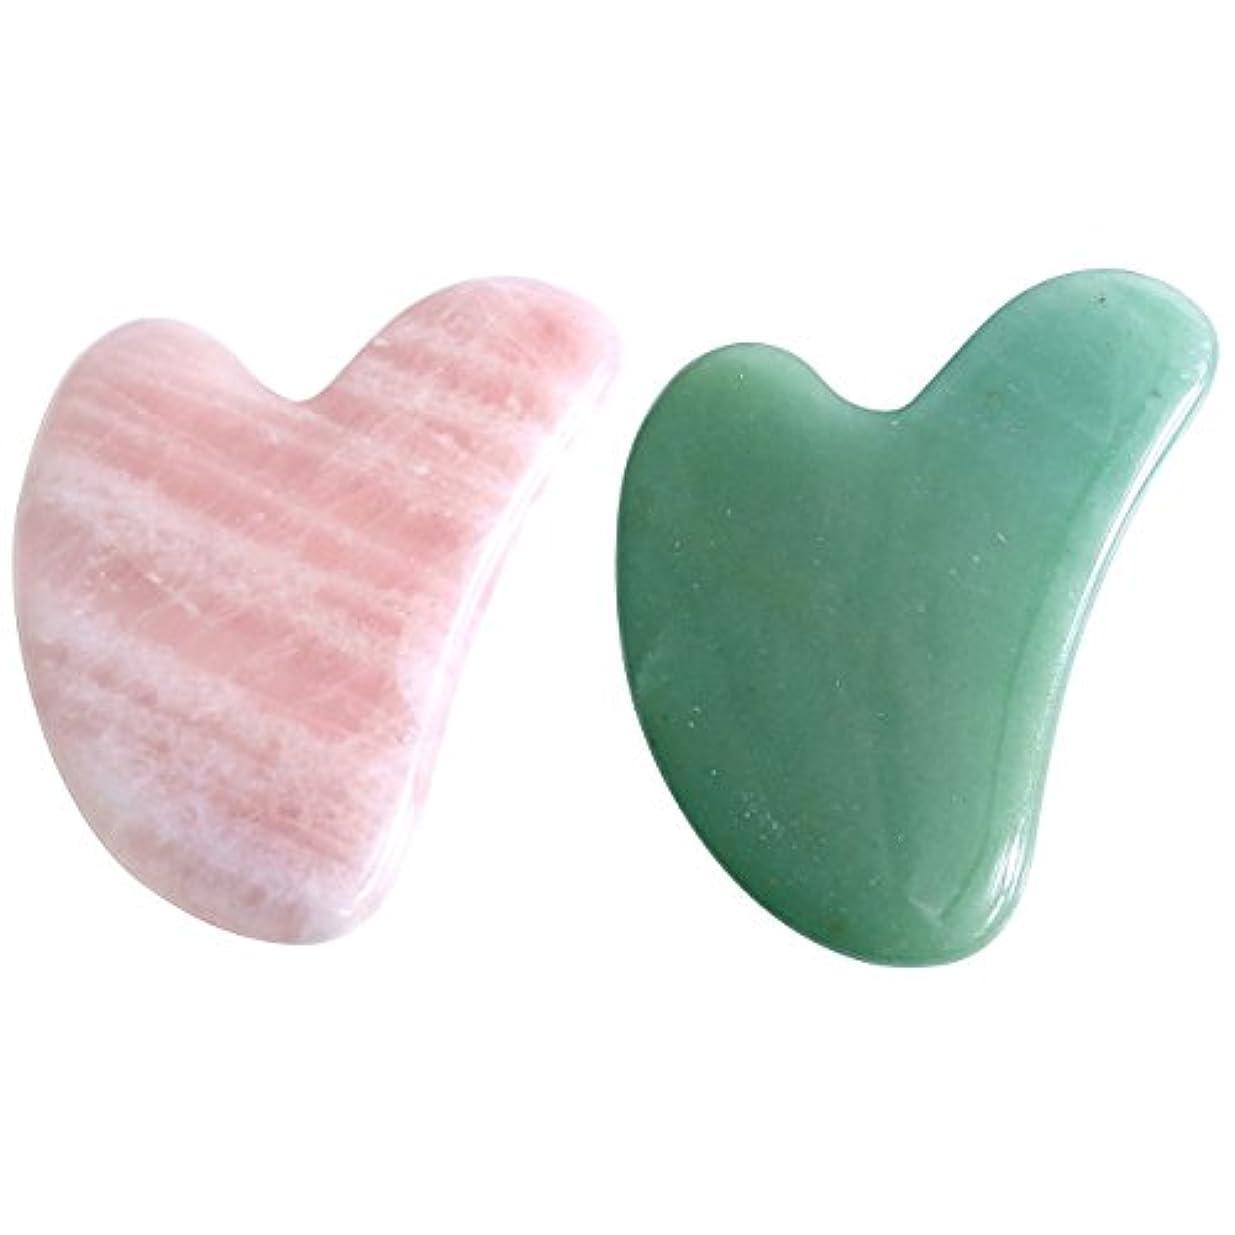 一人で貞ためらう2点セット2pcsFace / Body Massage rose quartz/ Adventurine heart shape Gua Sha 心臓の/ハート形状かっさプレート 天然石ローズクォーツ 翡翠,顔?ボディ...